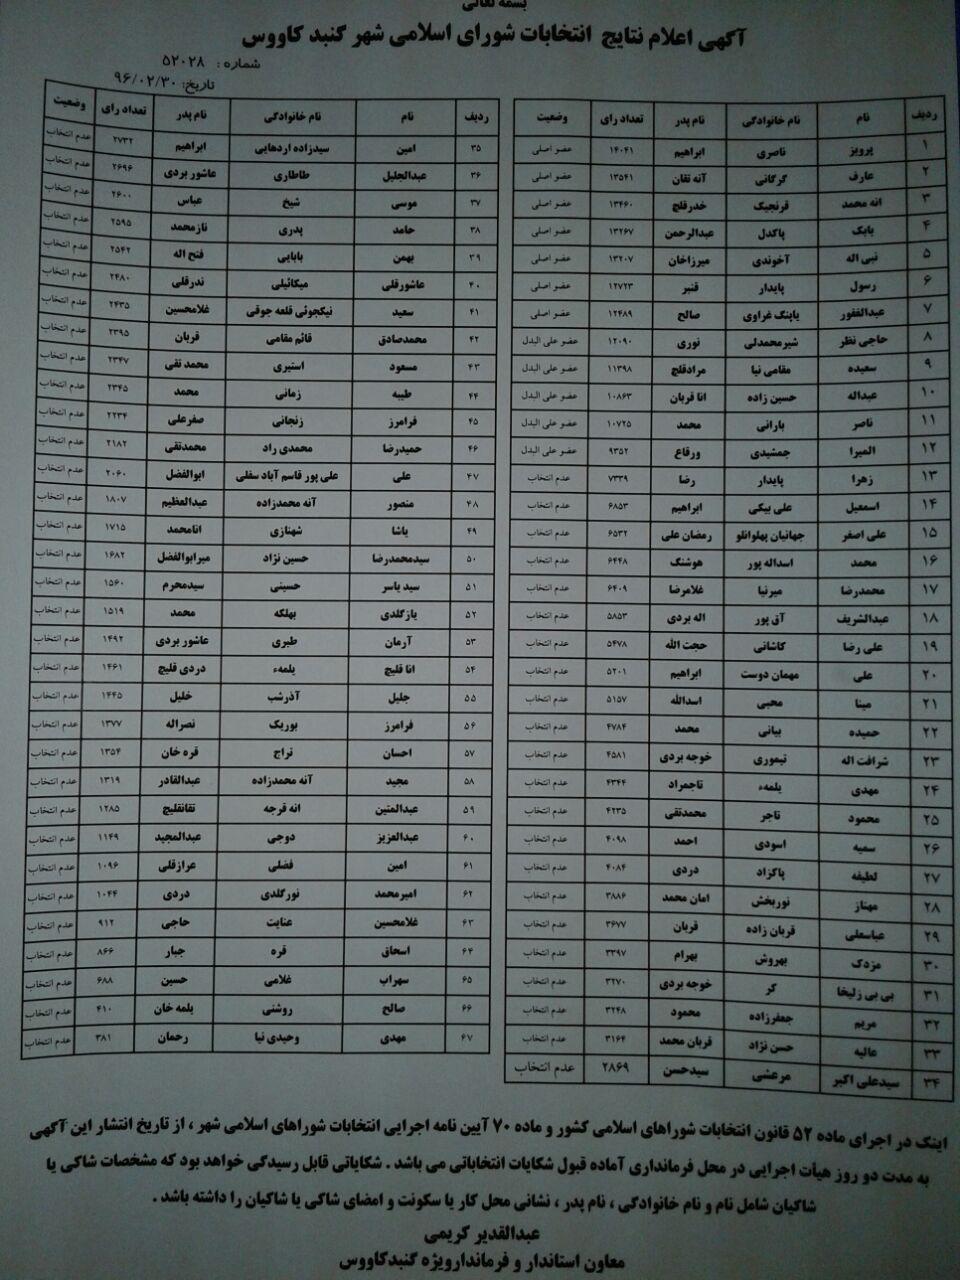 نتایج شورای شهر گنبد